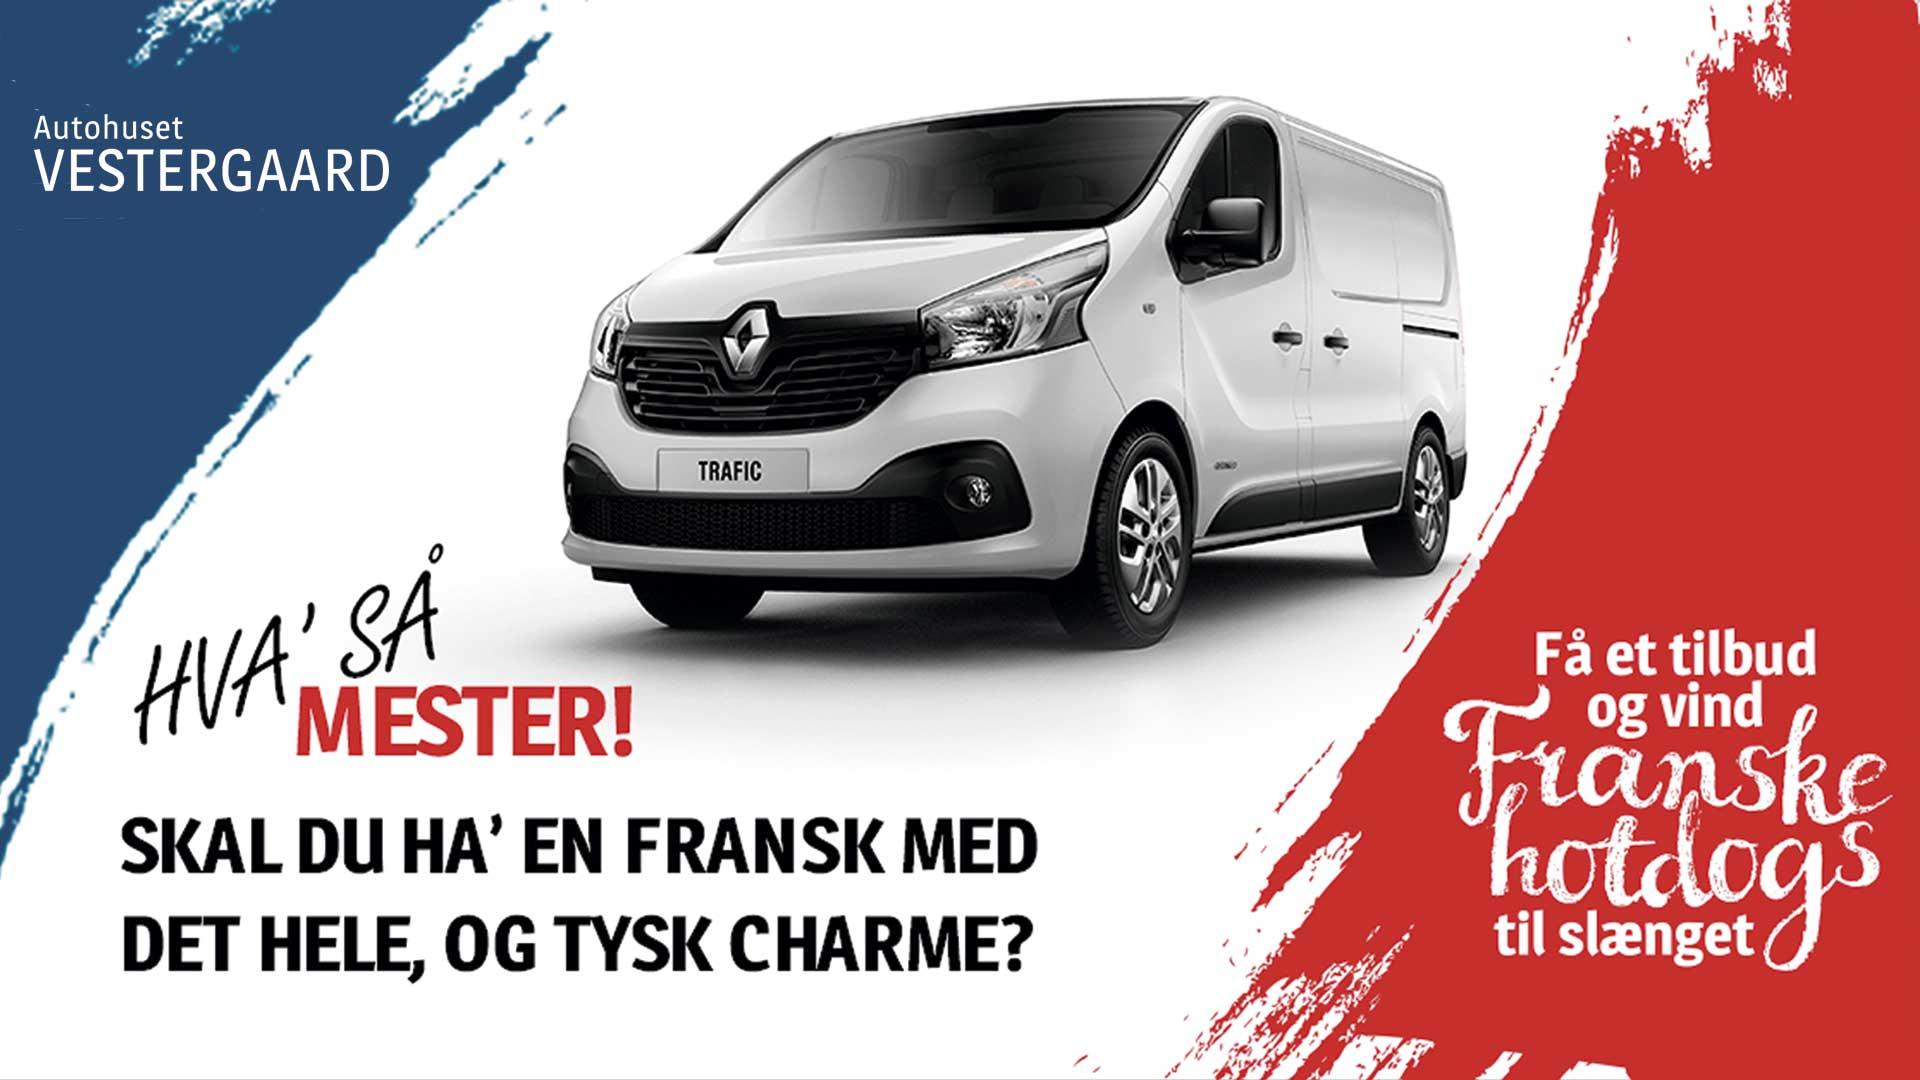 Renault Trafic konkurrence